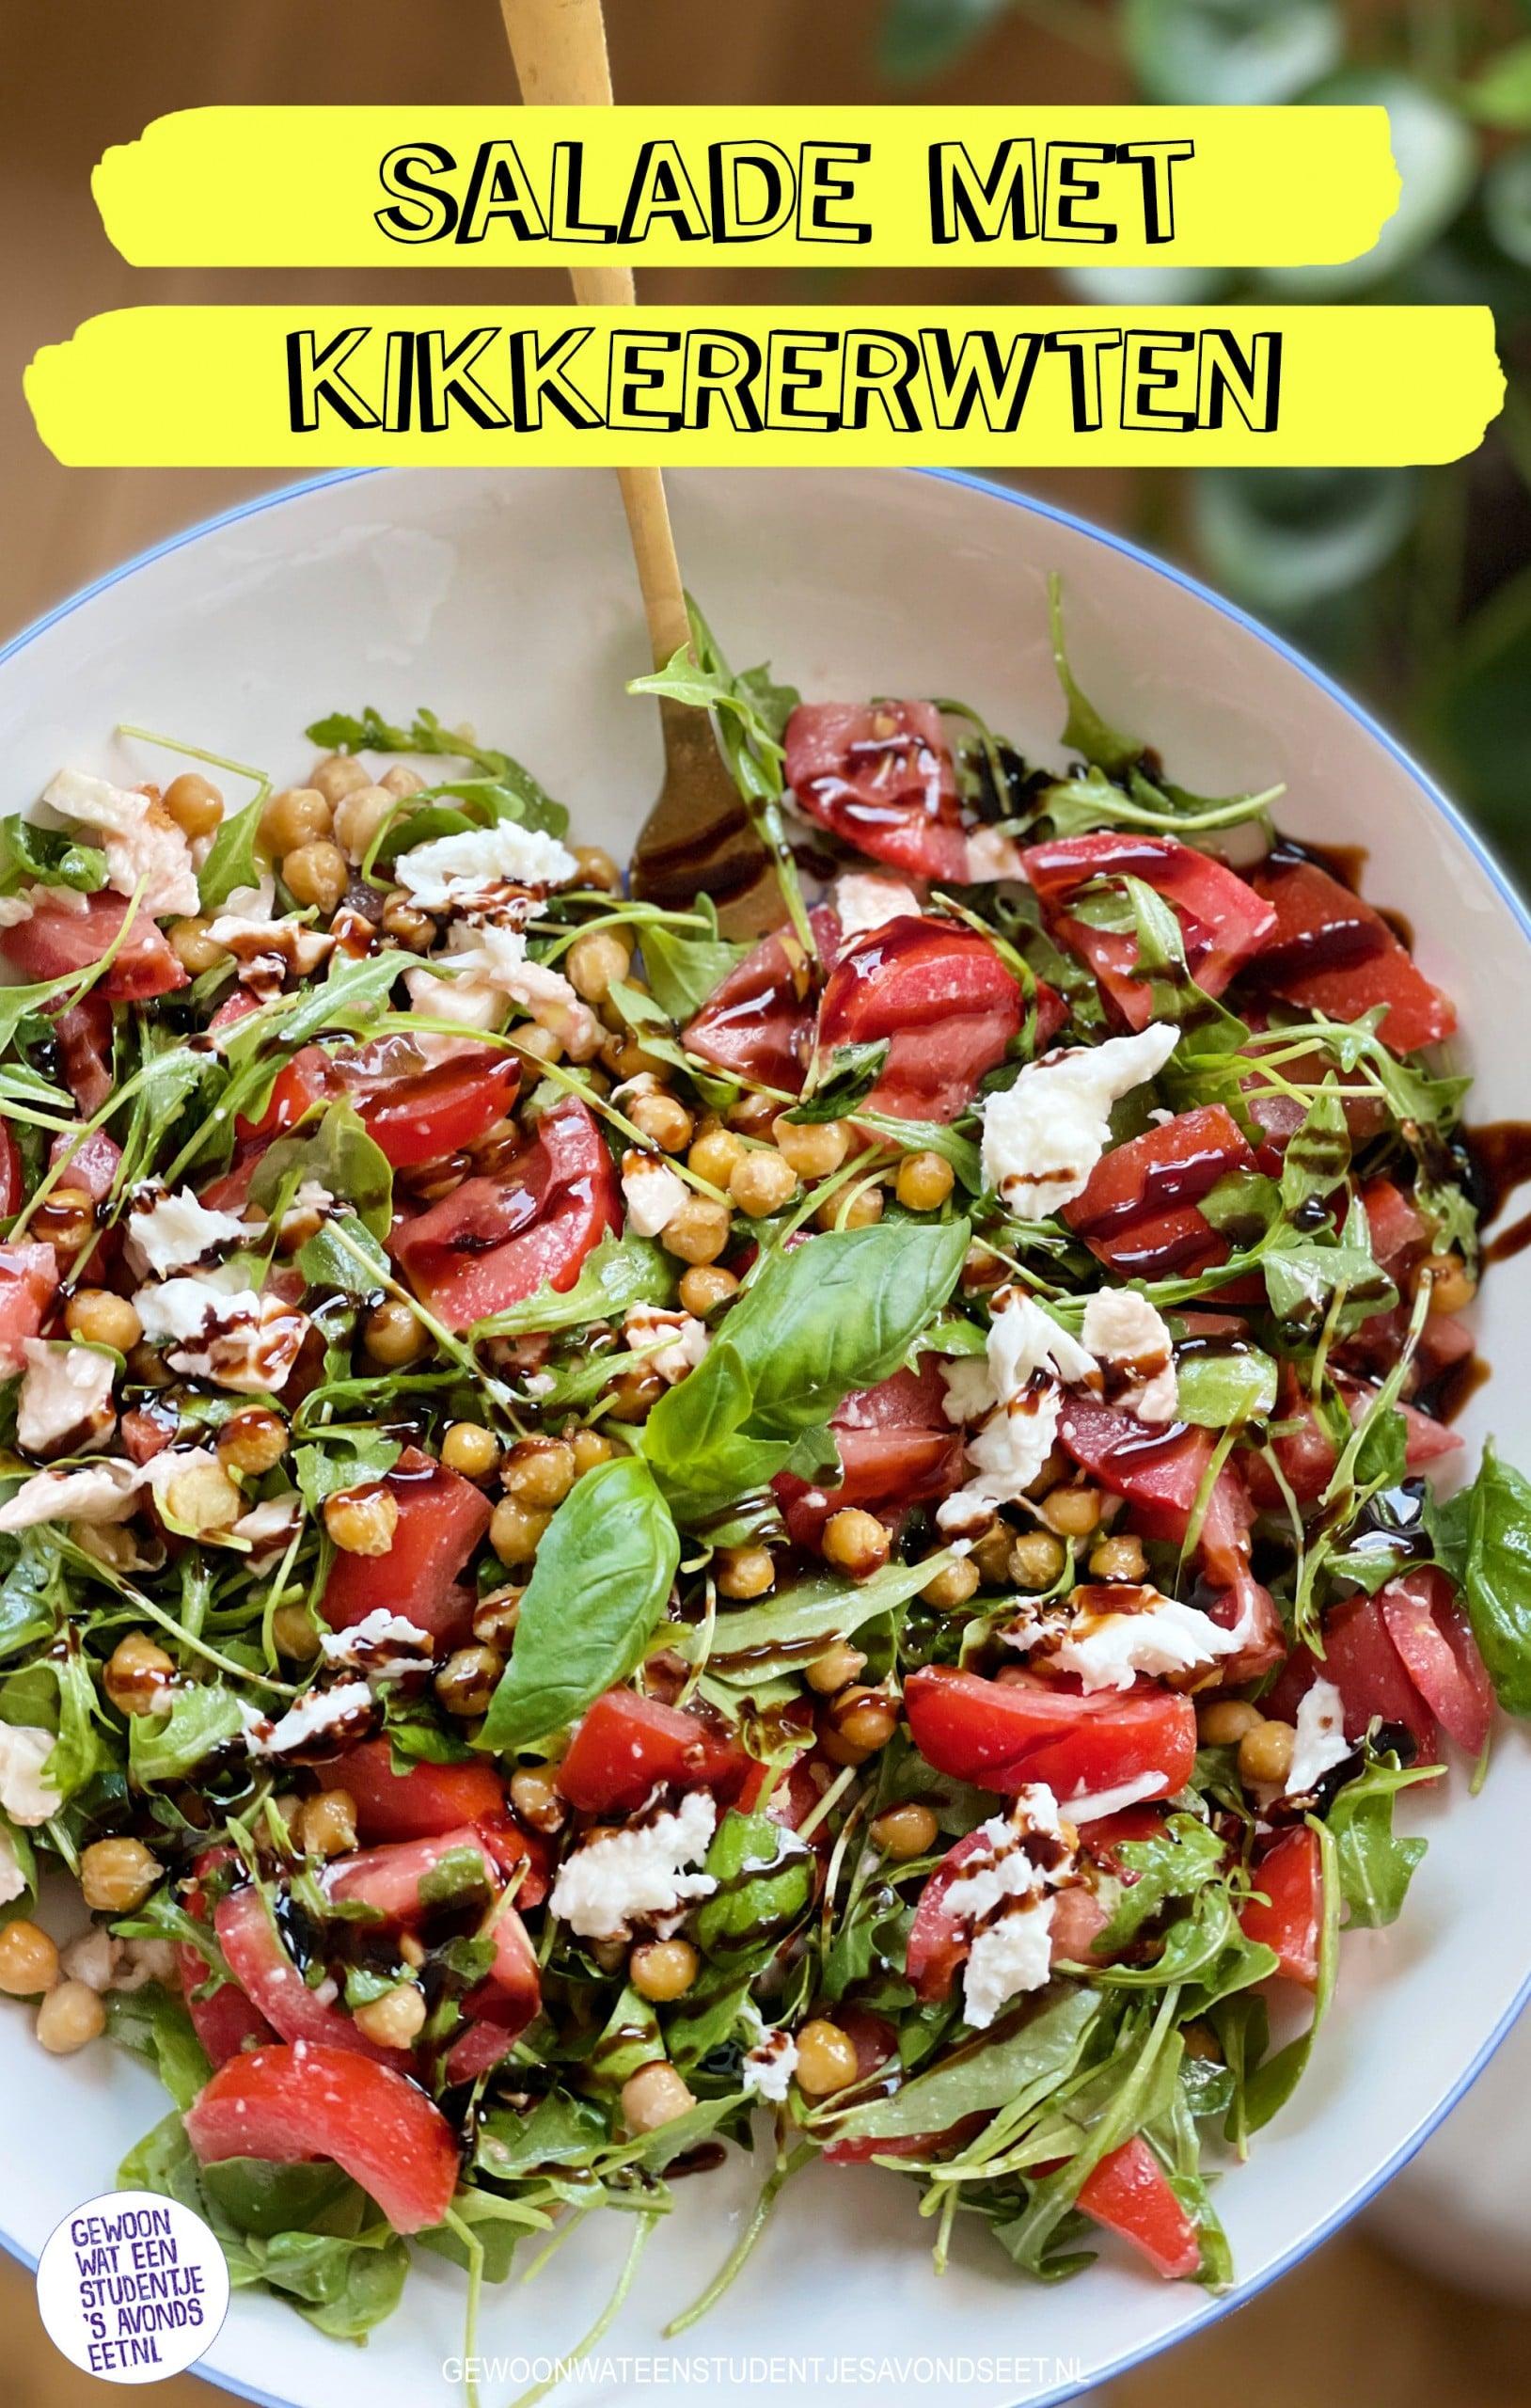 salade caprese met kikkererwten